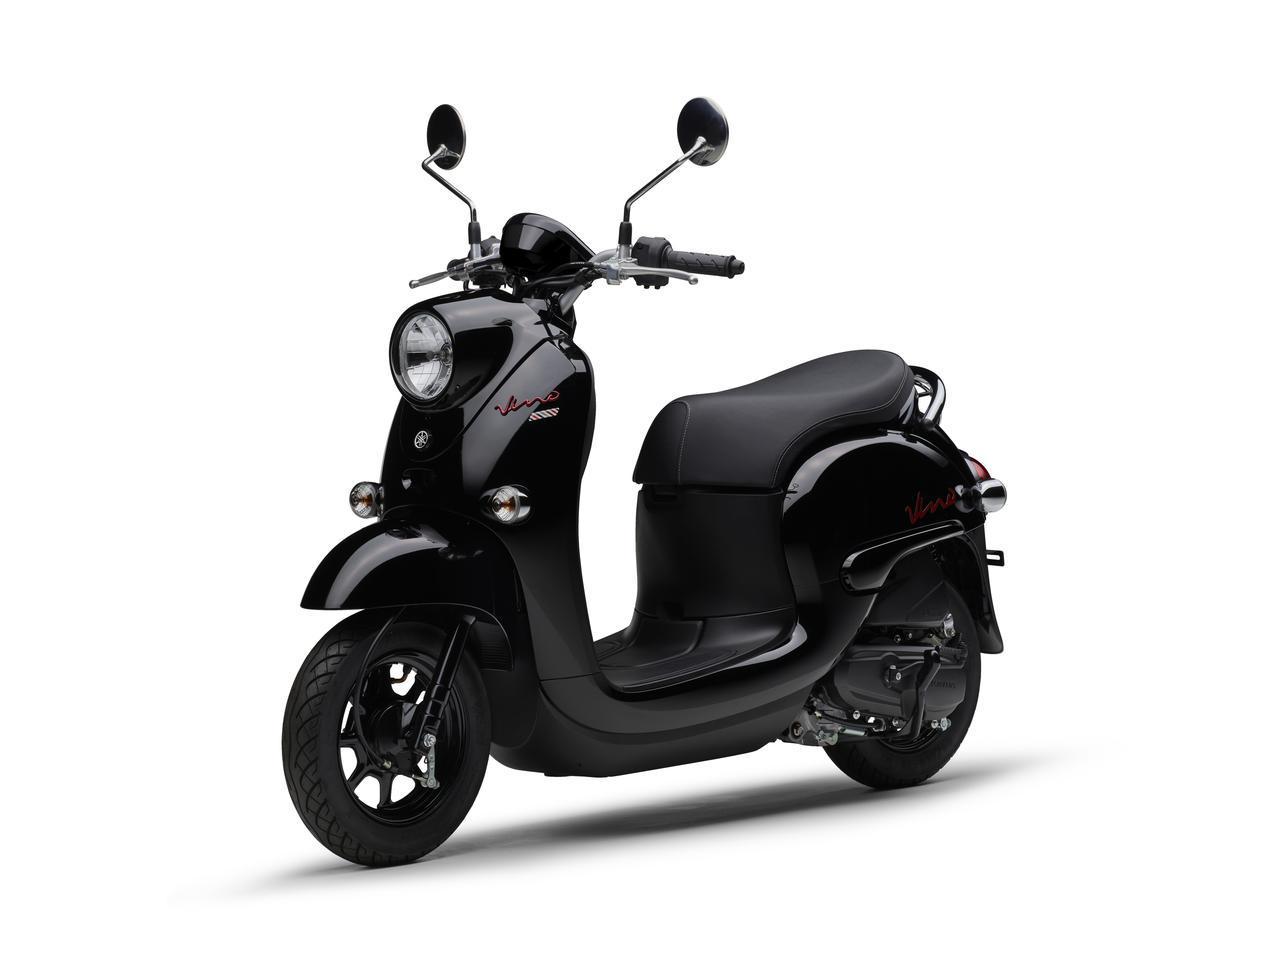 画像19: ヤマハが50ccスクーター「ビーノ」の2021年モデルを発表! ニューカラーは4色、合計6色の設定で発売